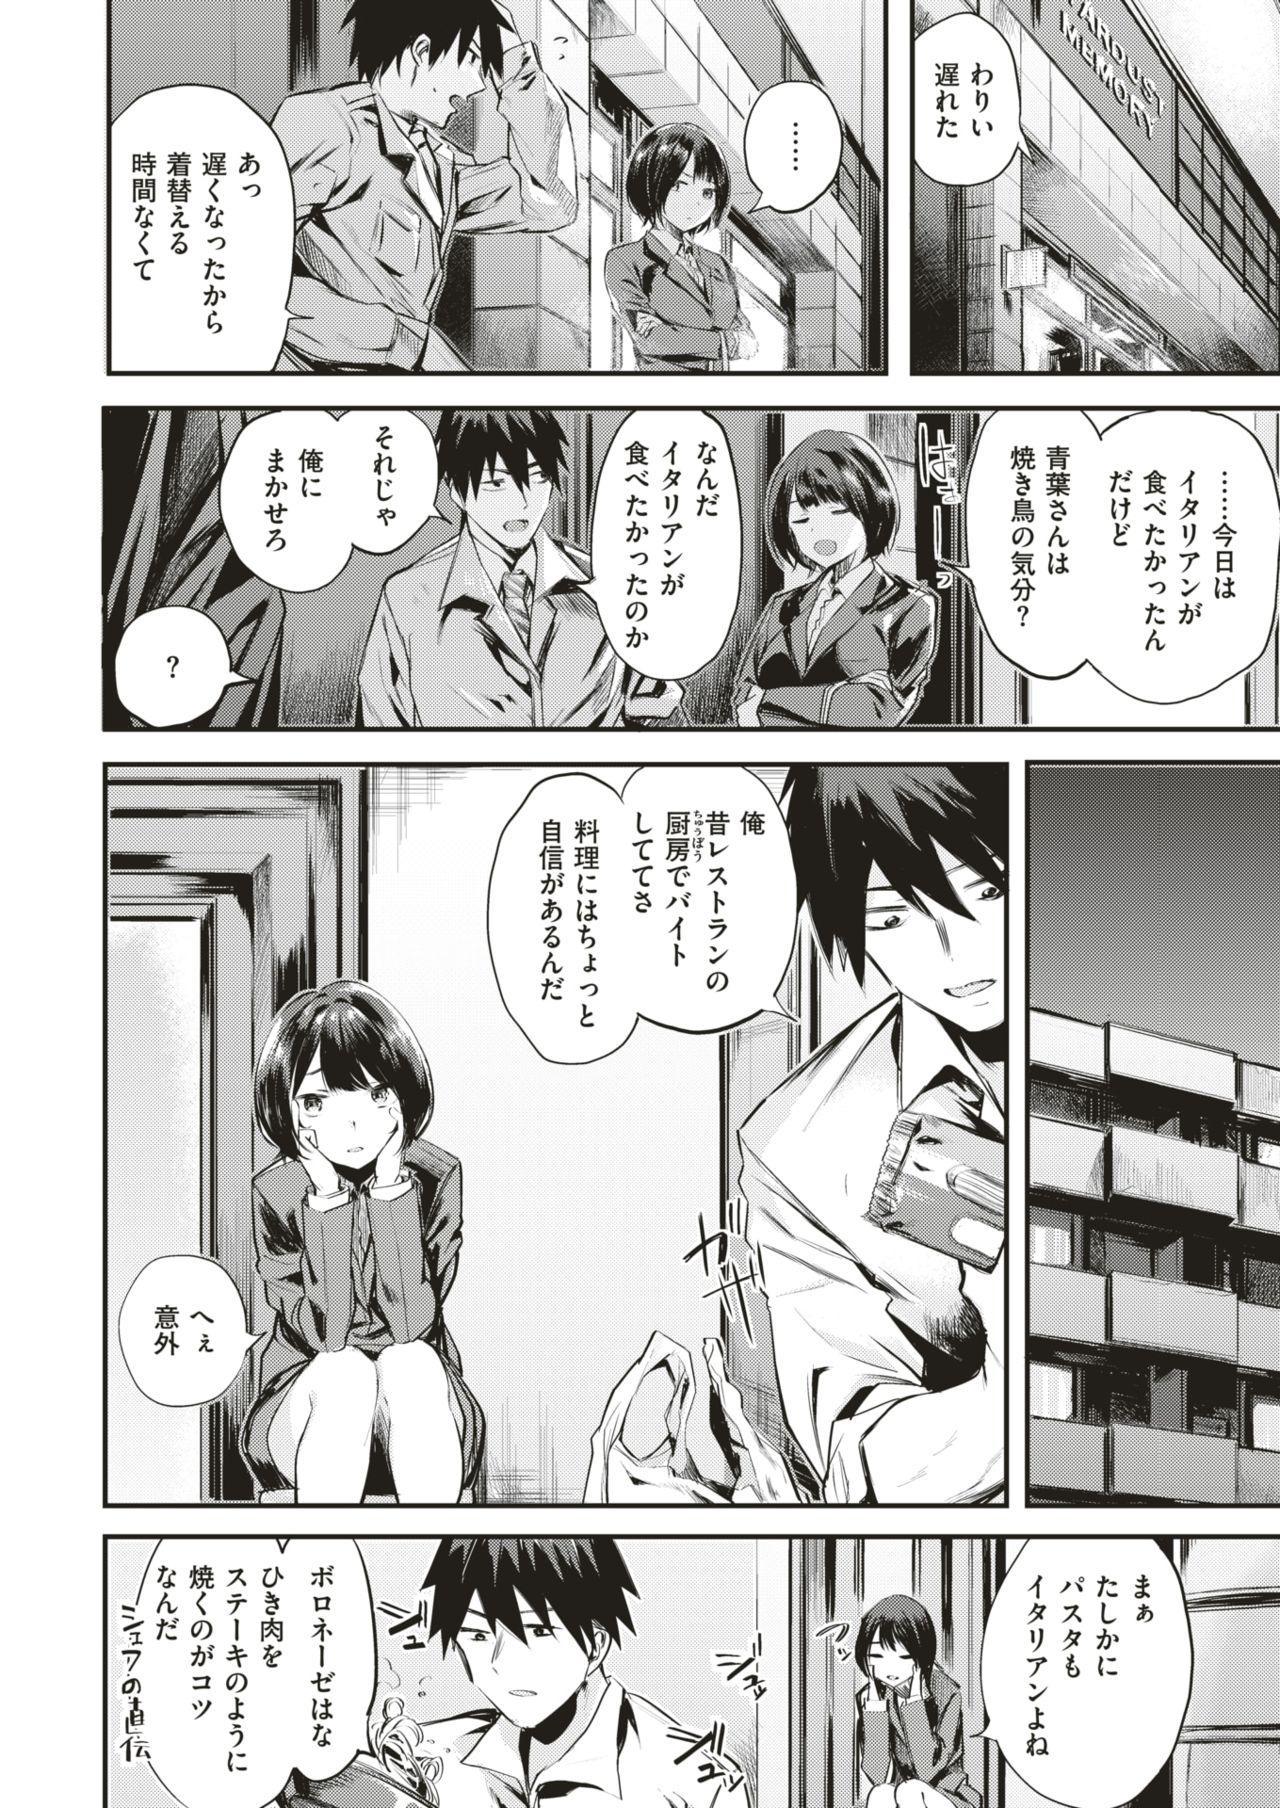 COMIC Kairakuten BEAST 2017-11 30